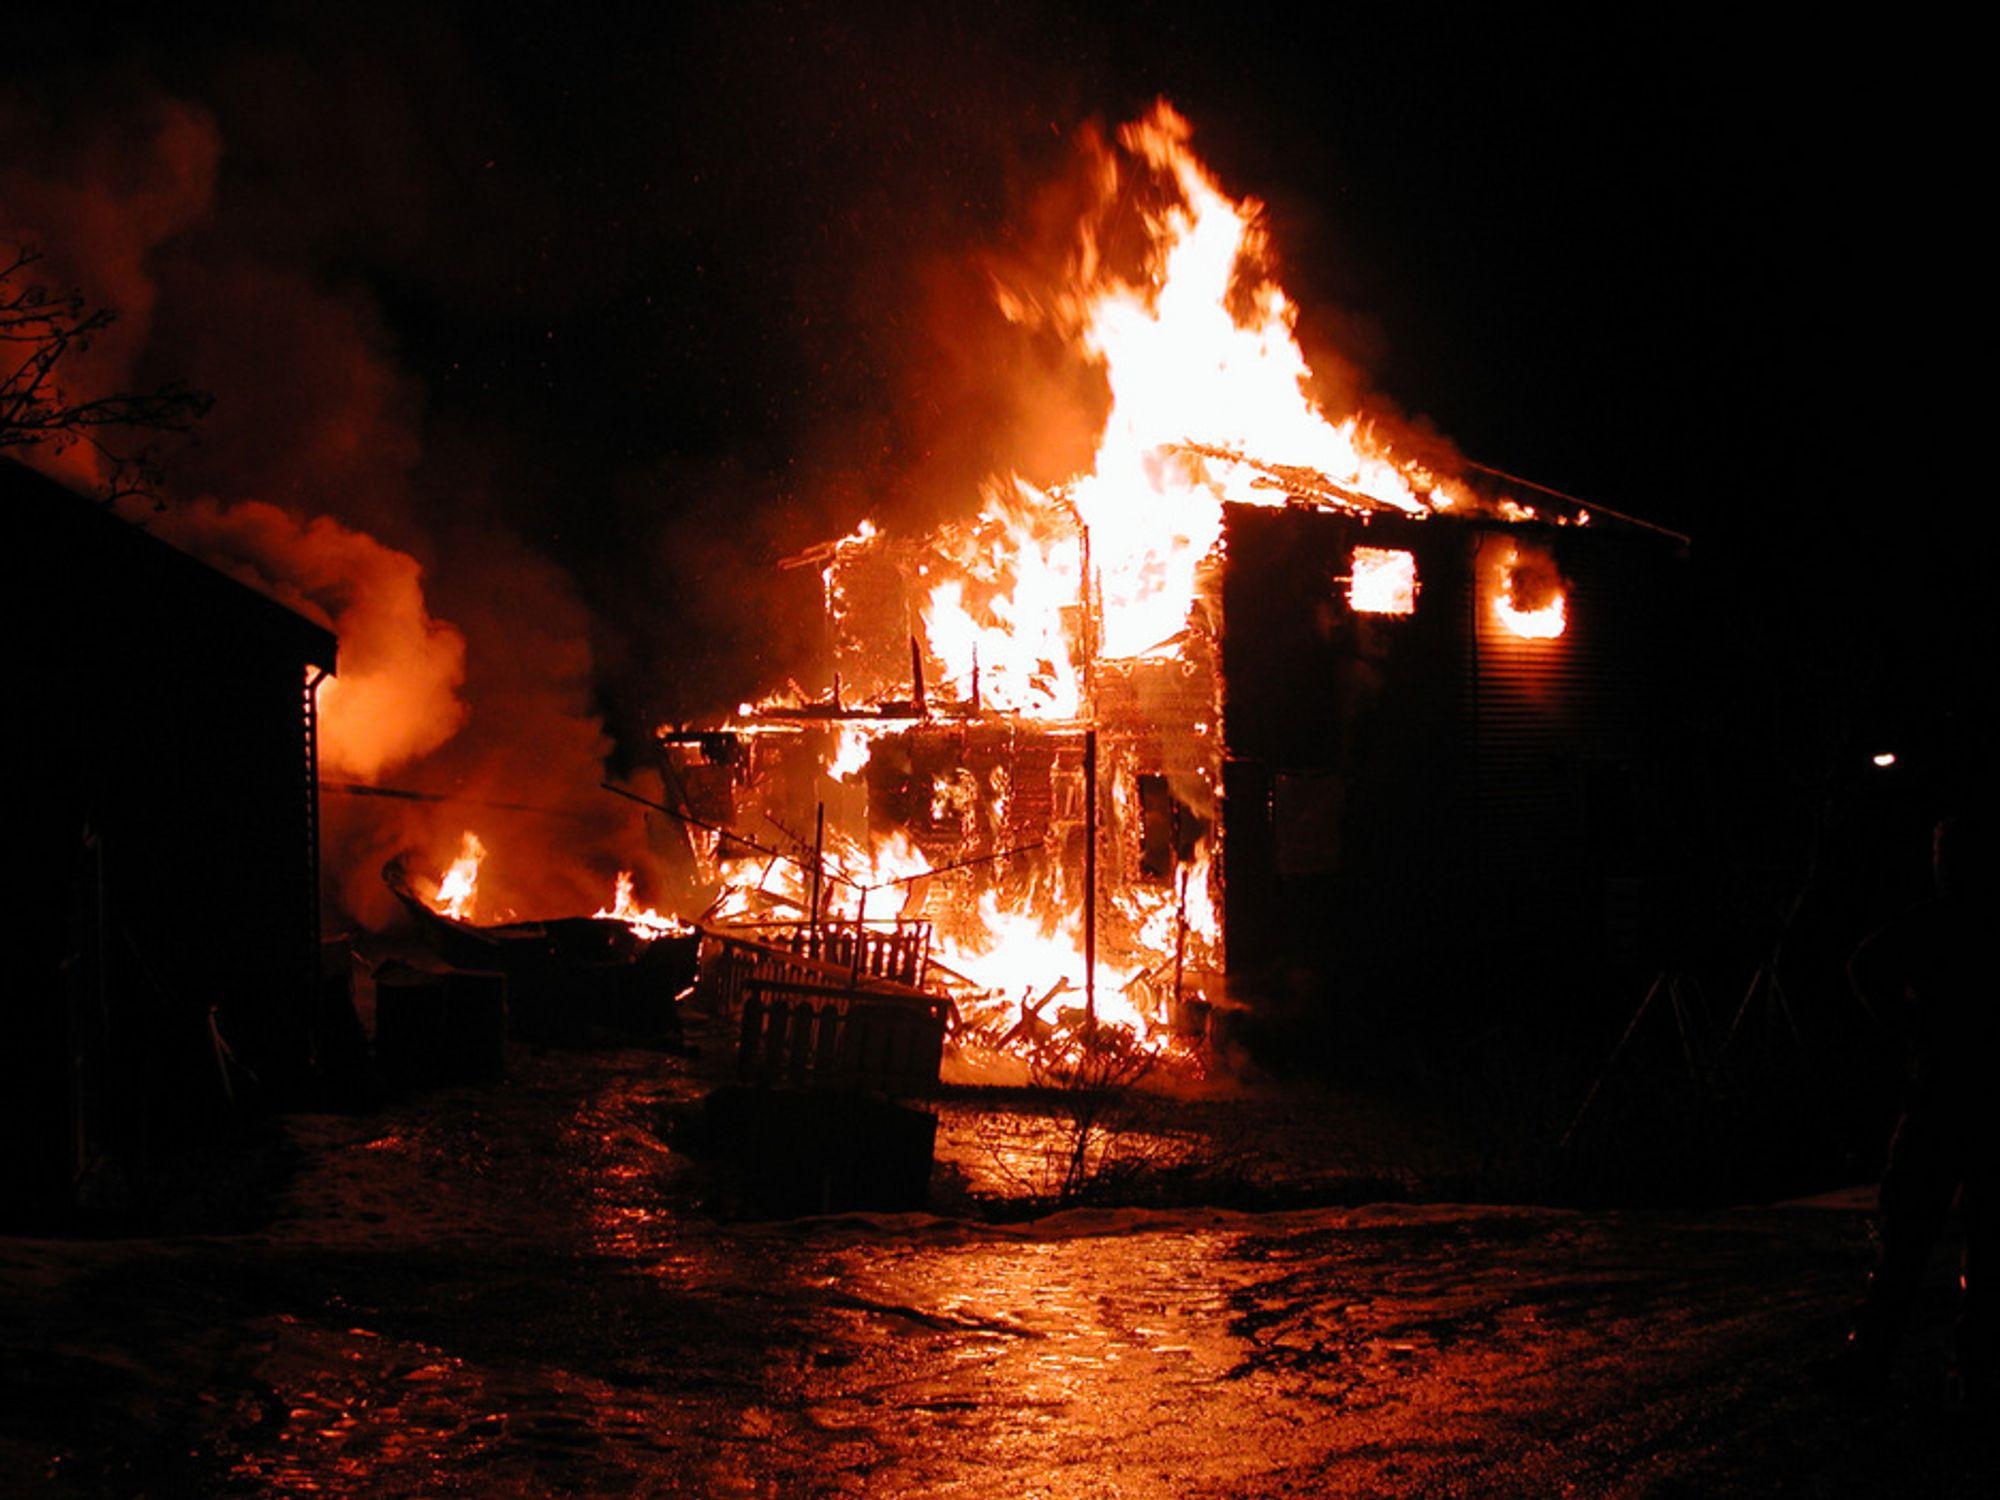 VERN MOT BRANN: Omlag en av tre branner og branntilløp i elektriske anlegg skyldes serielysbue. Feilen er den desidert vanligste i el-anlegg, ifølge tall fra det tidligere Produkt- og elektrisitetstilsynet.